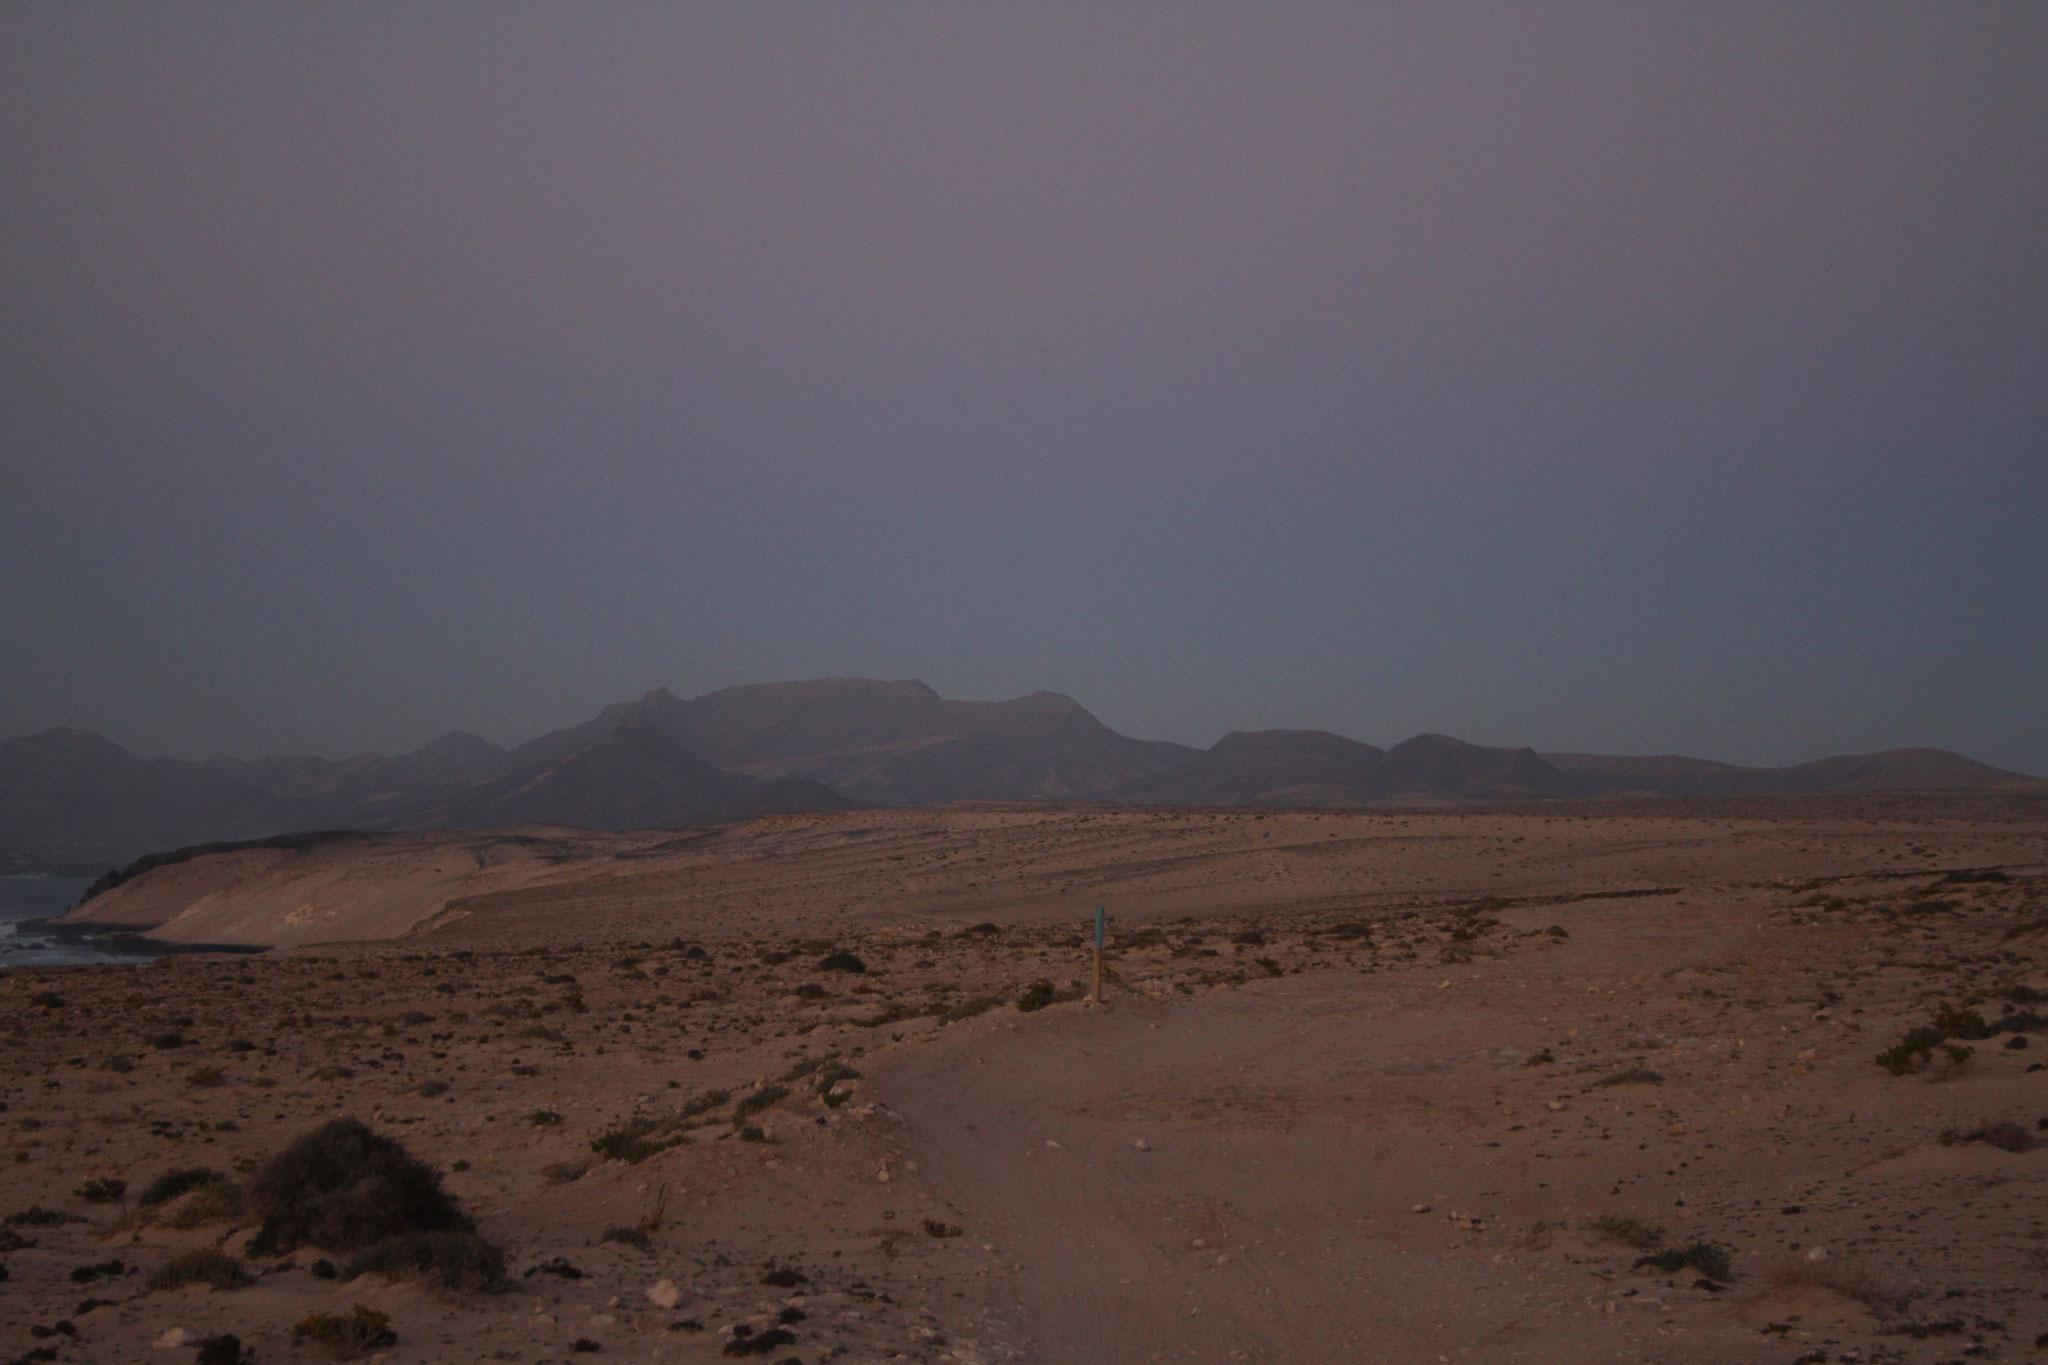 Die Jandia-Wüste kurz vor dem Eindunkeln ...